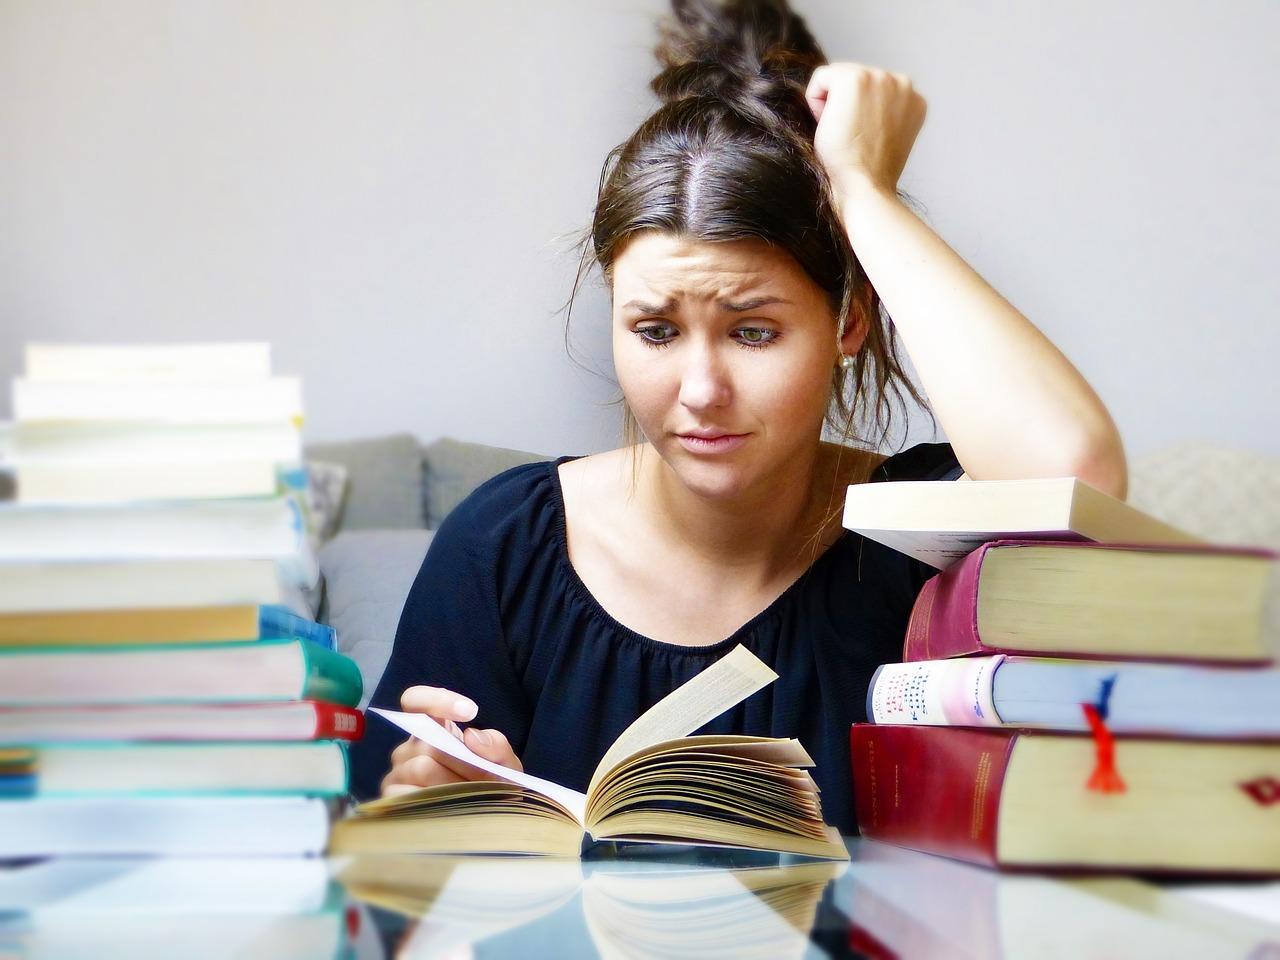 Jak działać w stresie? Czy stres w pracy jest konieczny?